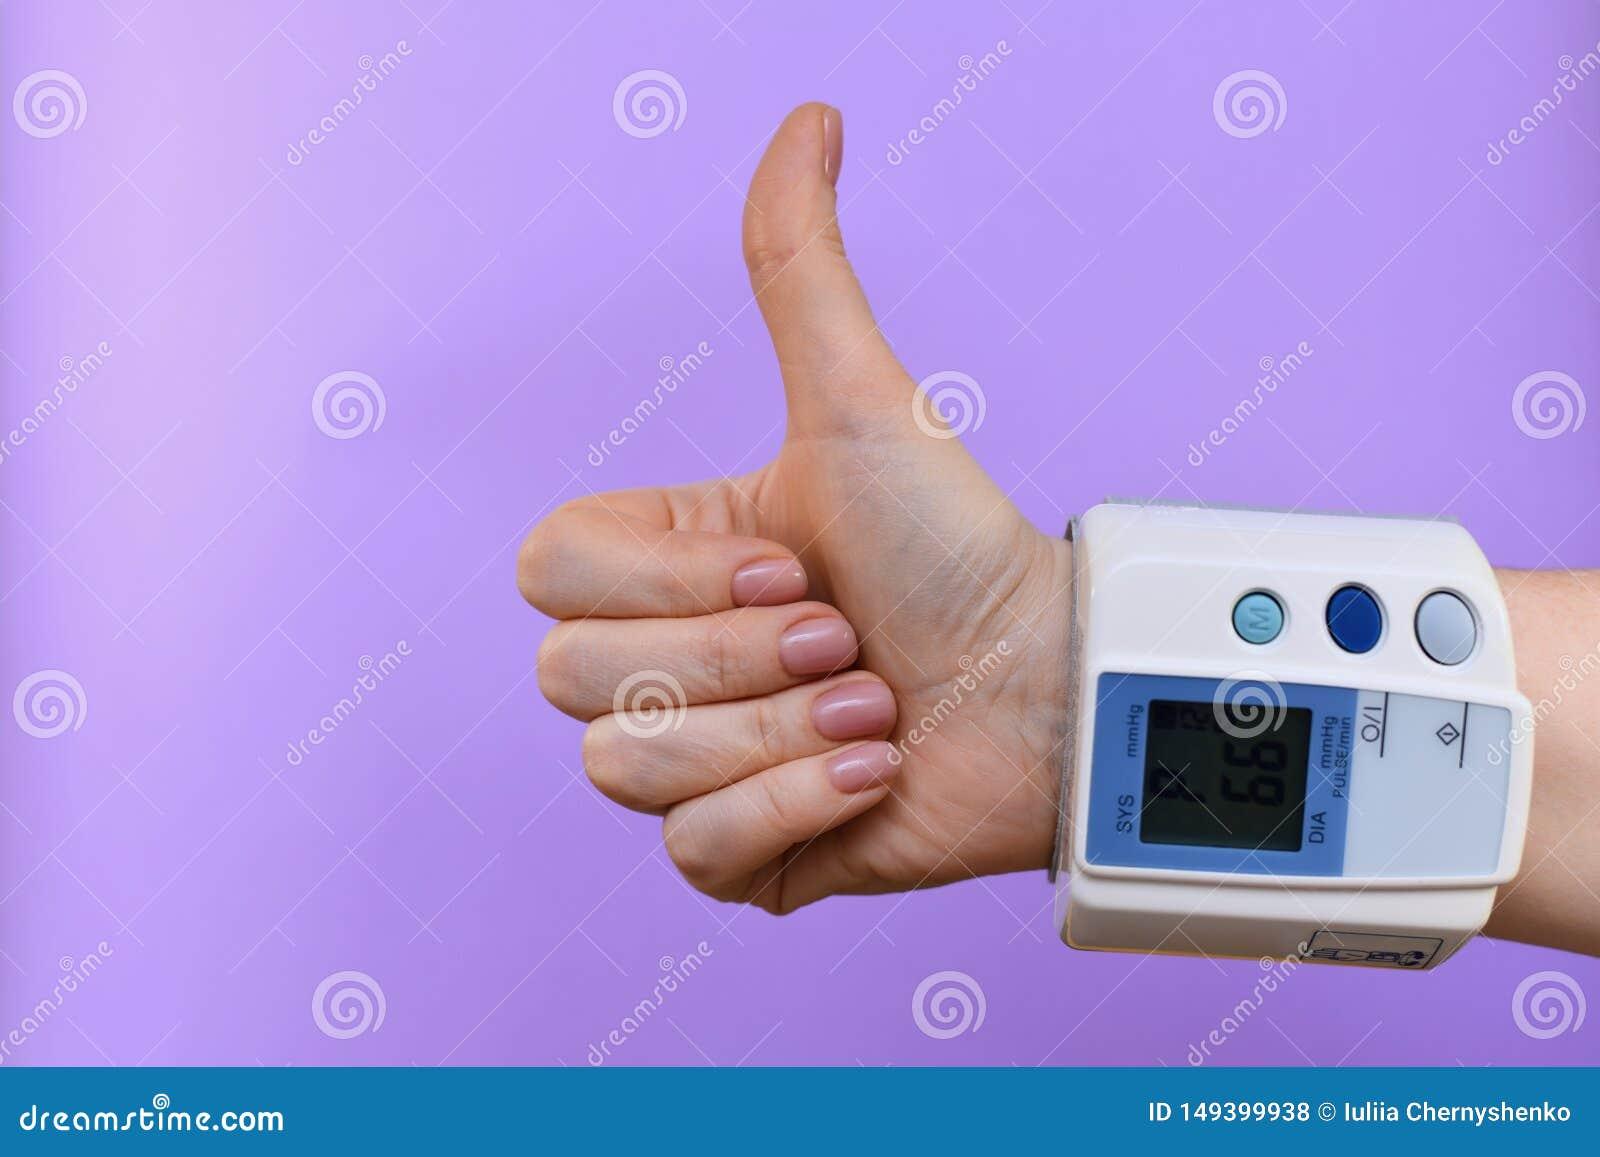 Handzeichen mit einem tonometer auf dem Handgelenk